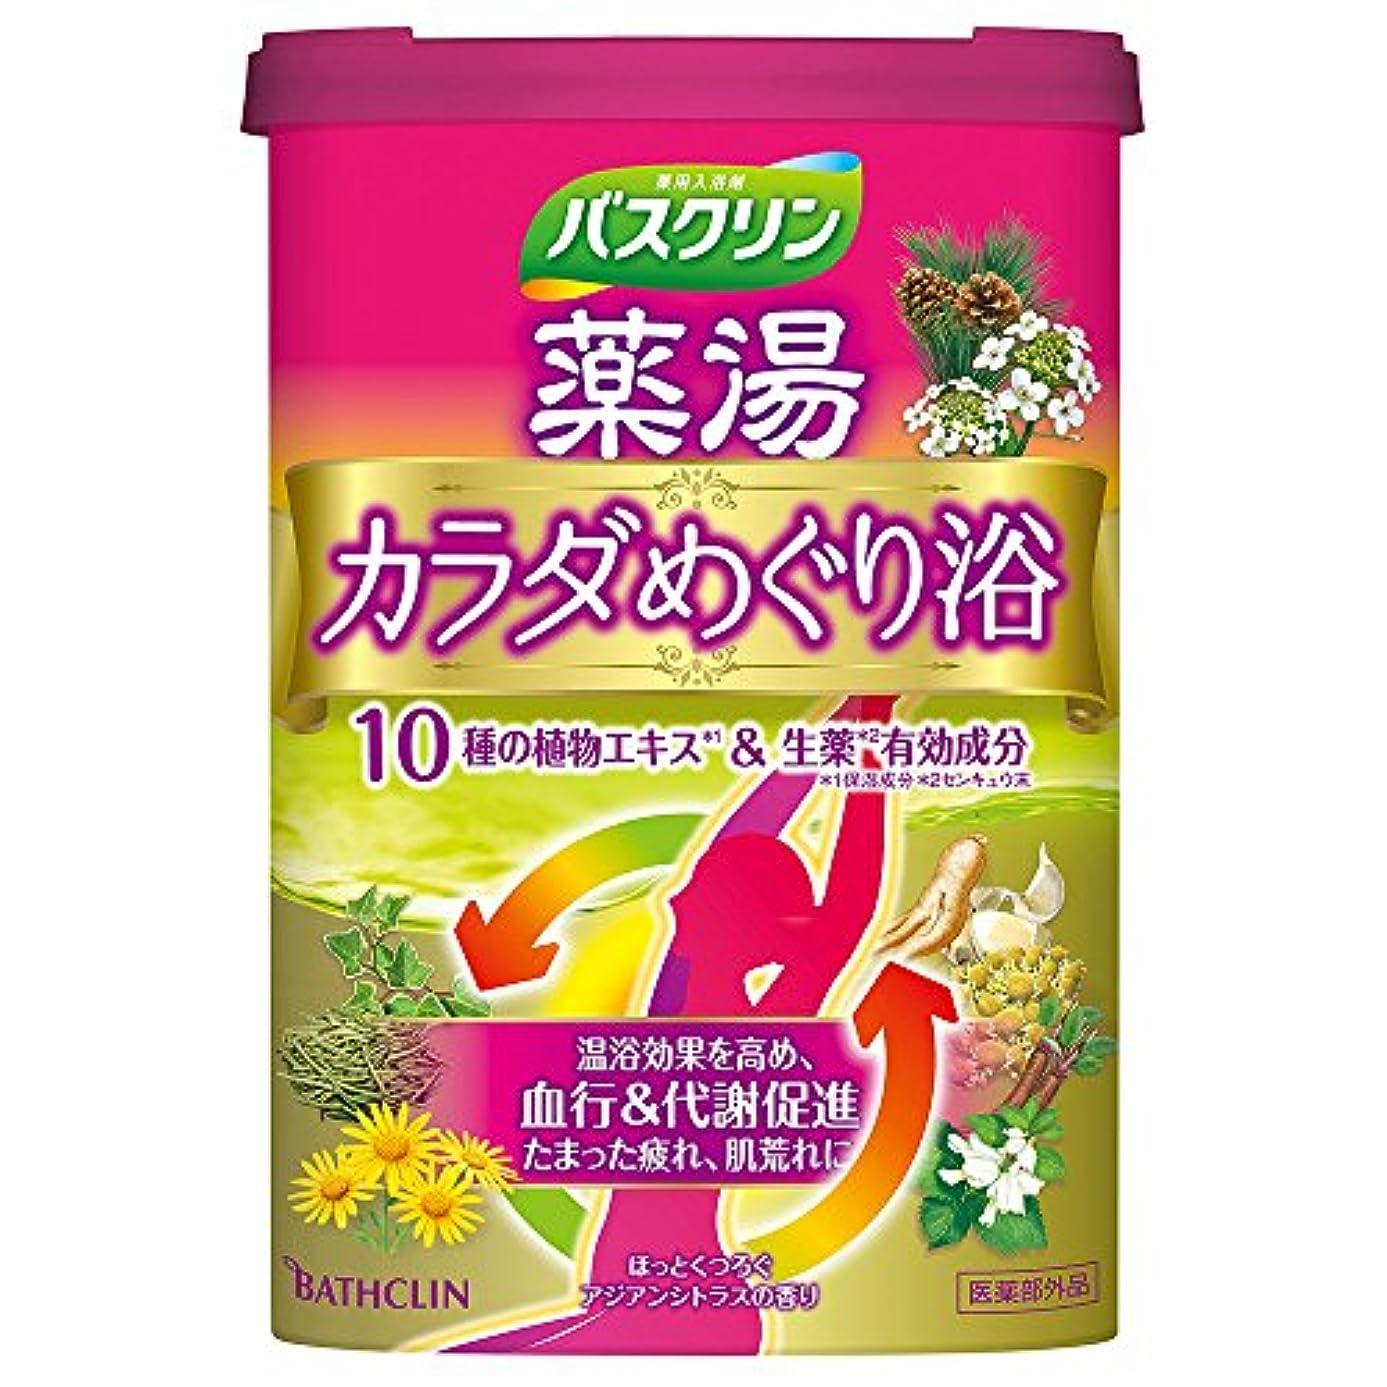 材料適度に見通しバスクリン薬湯 カラダめぐり浴 ほっとくつろぐアジアンシトラスの香り 600g 入浴剤 (医薬部外品)